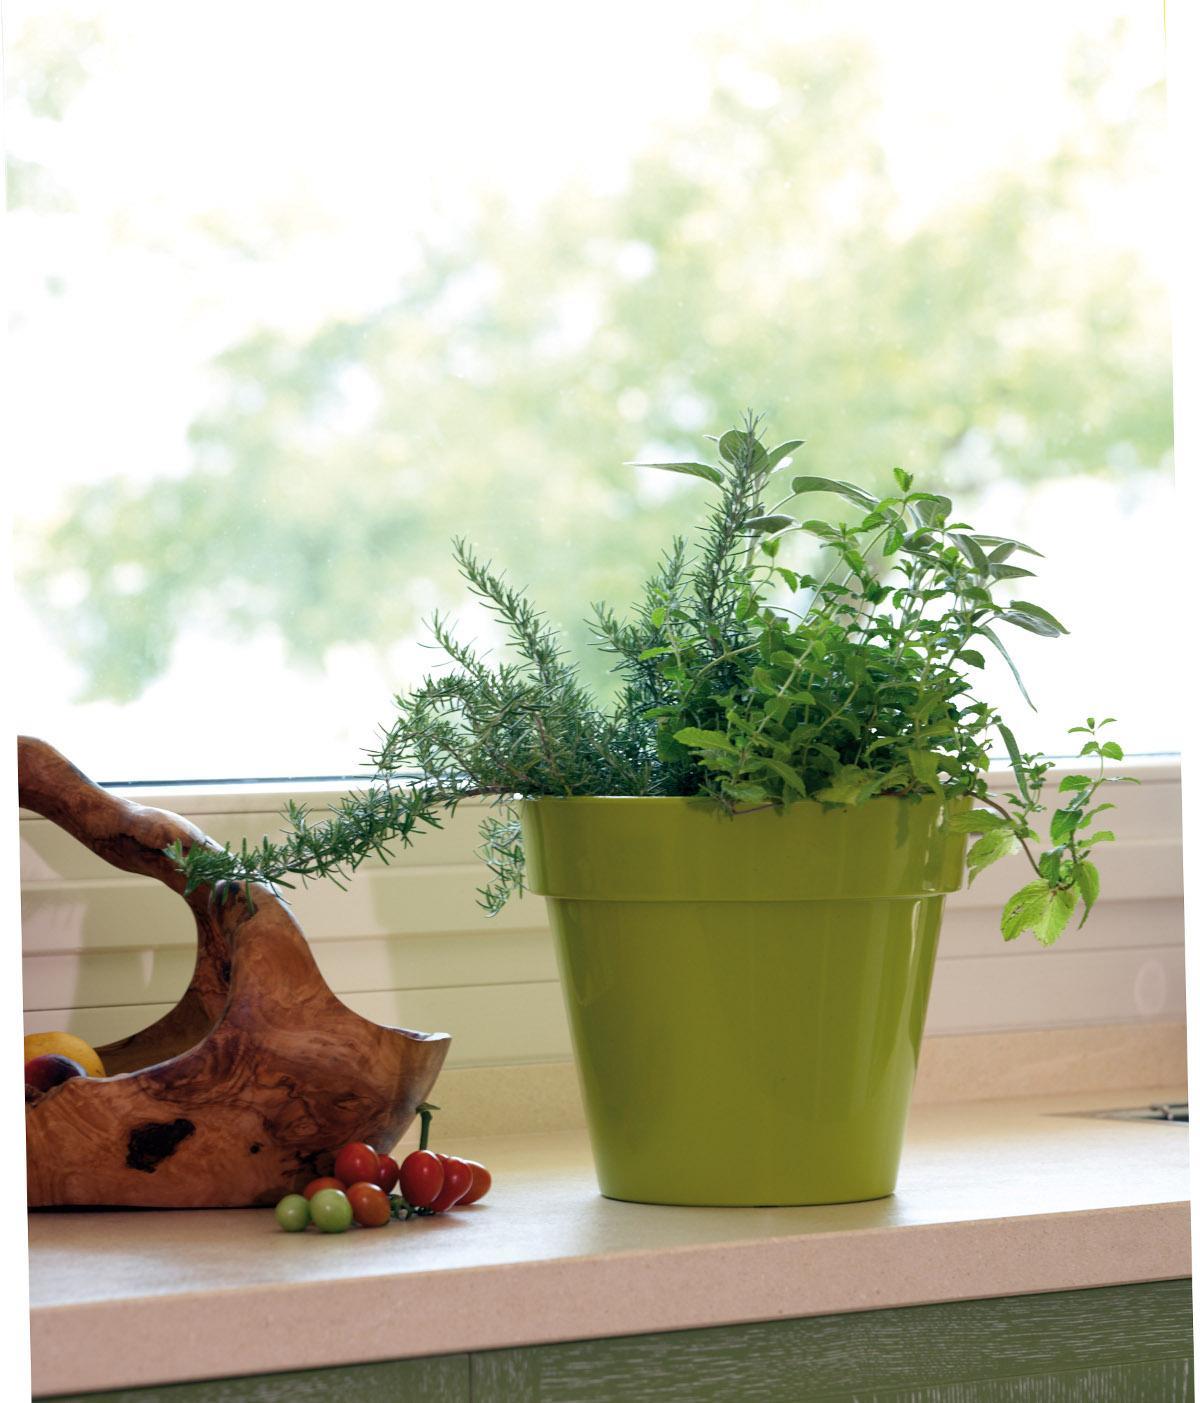 Vaso nicoli in resina di polietilene zeus fiorinmaurizio for Vasi nicoli